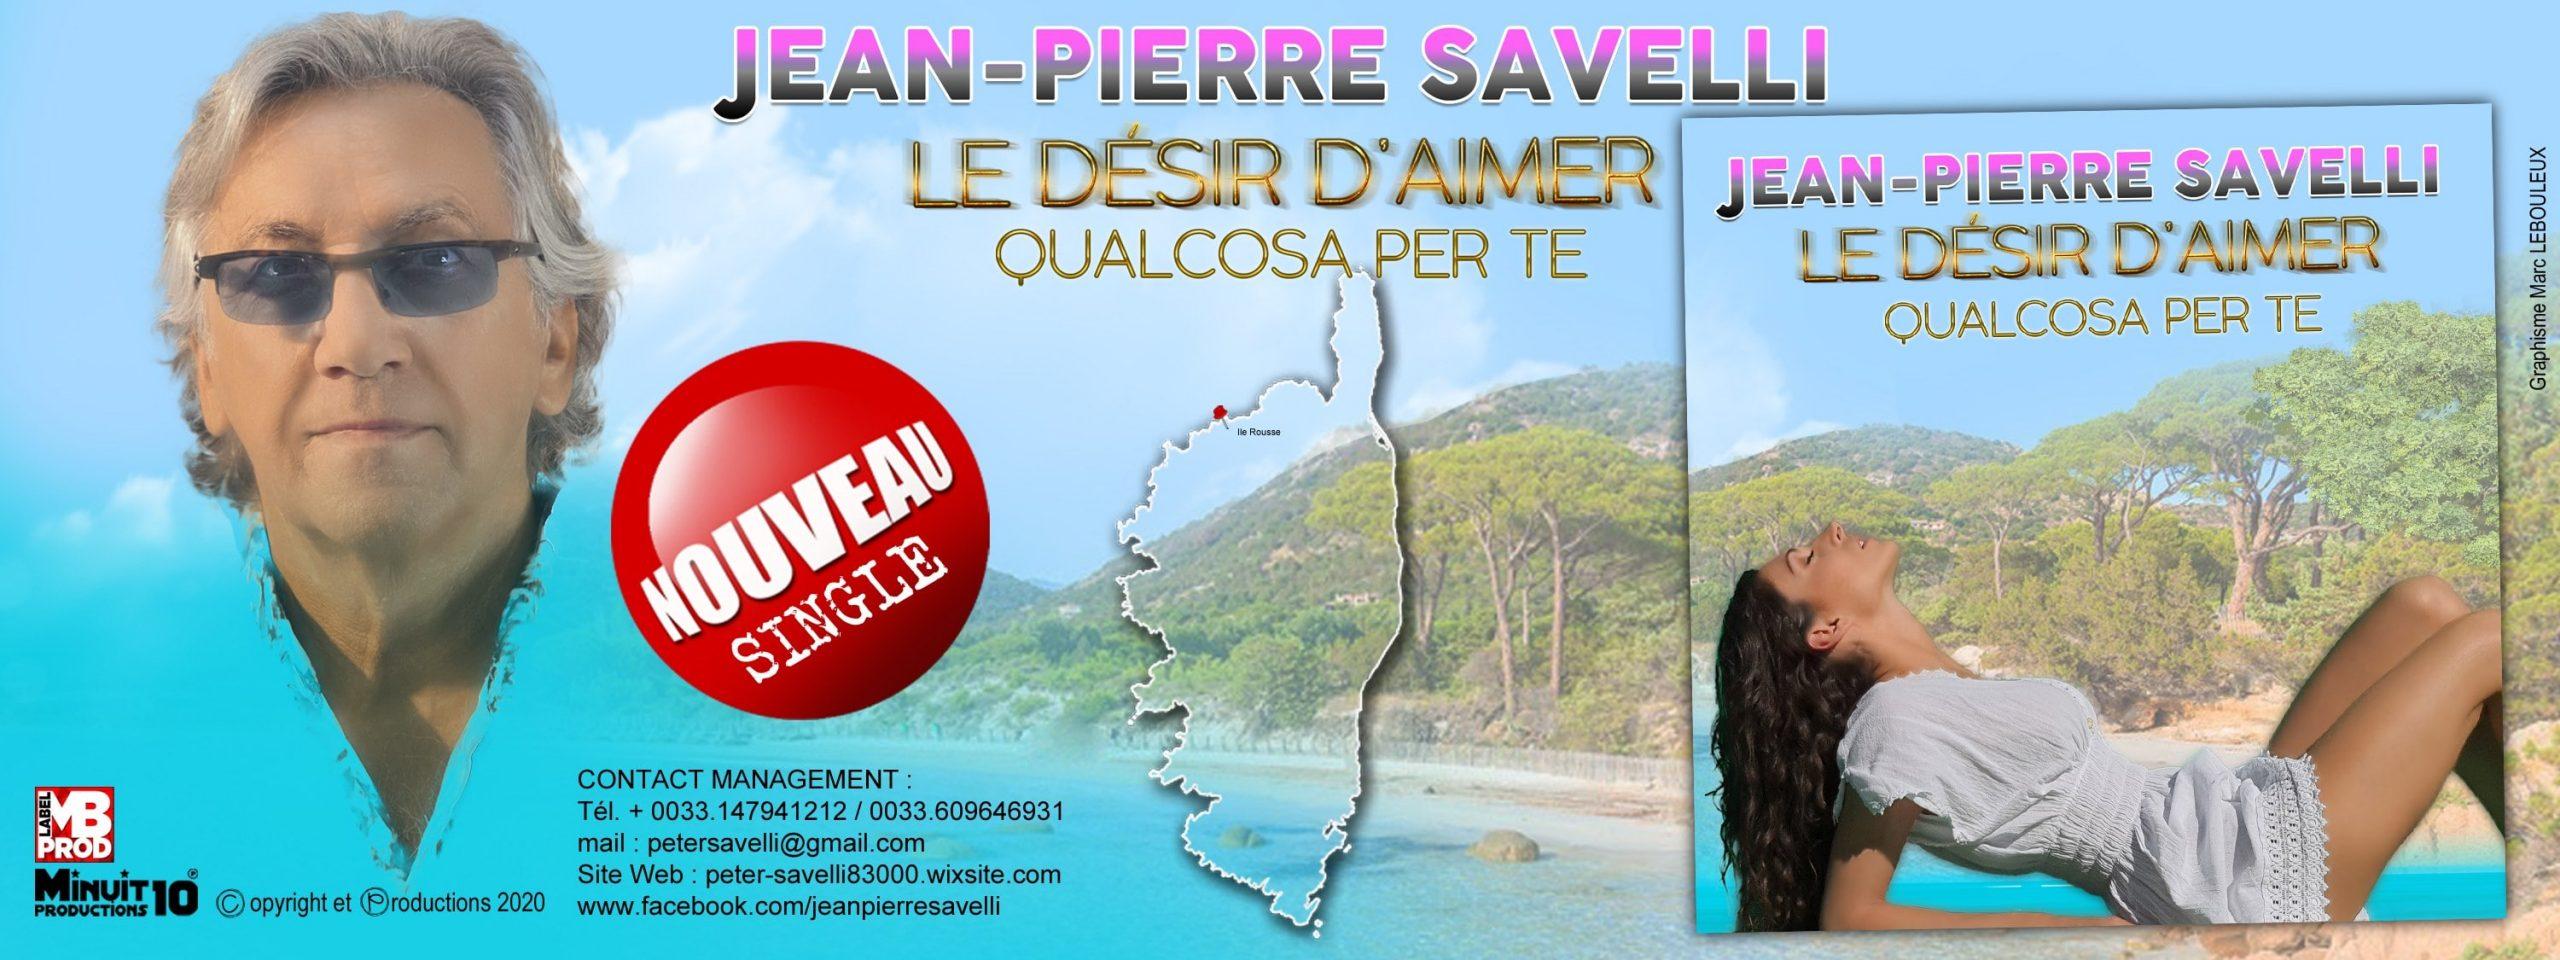 L'envie d'aimer interprété par Jean-Pierre Savelli